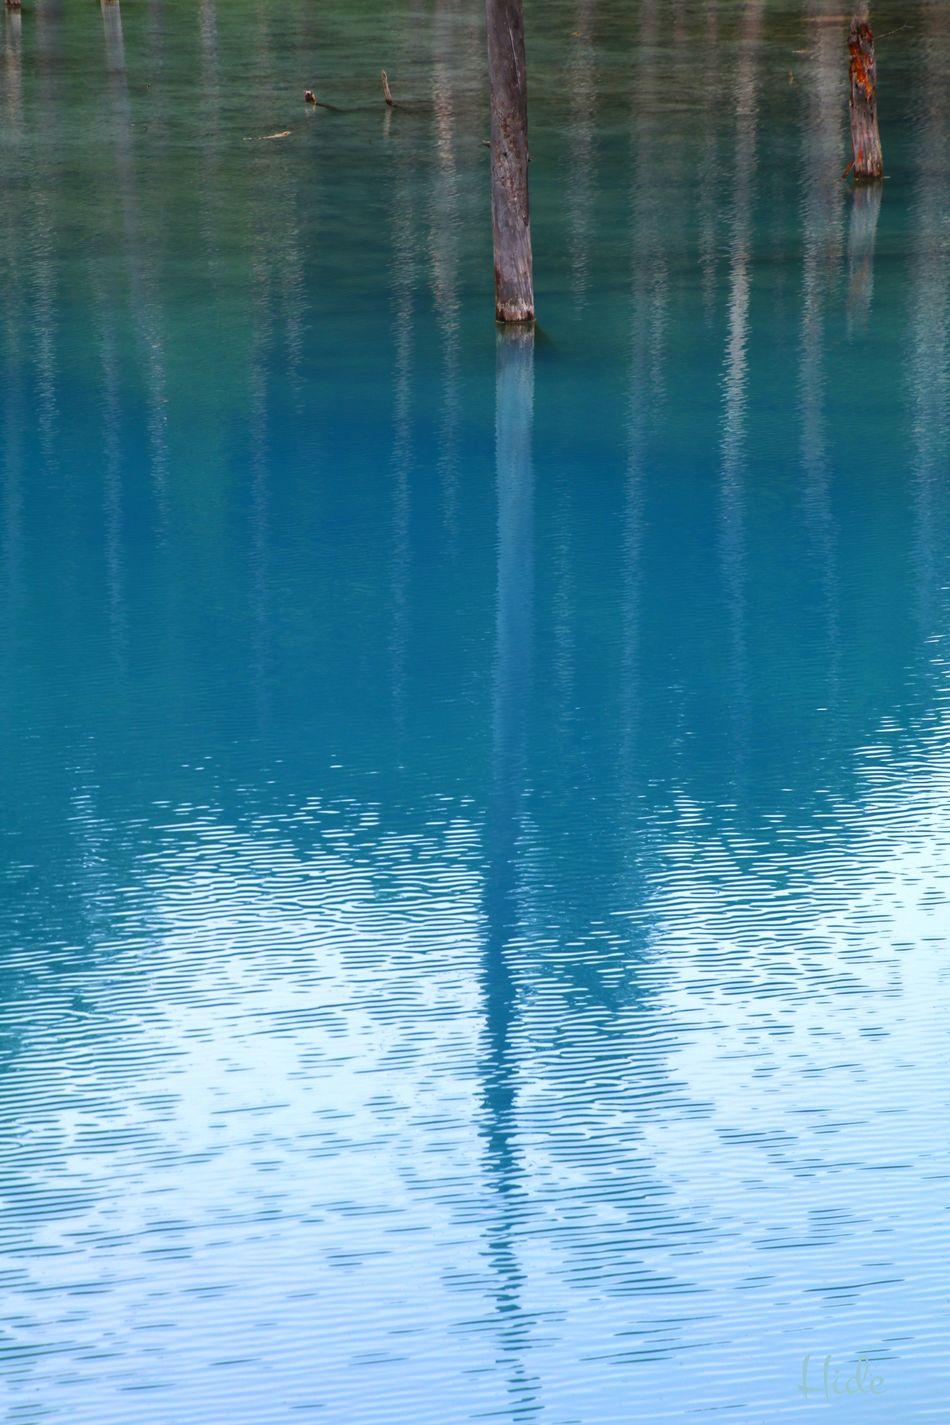 青い池 Bluepond 水 青い水 樹木 枯木 反射 写り込み 水面 波 Colour Of Life